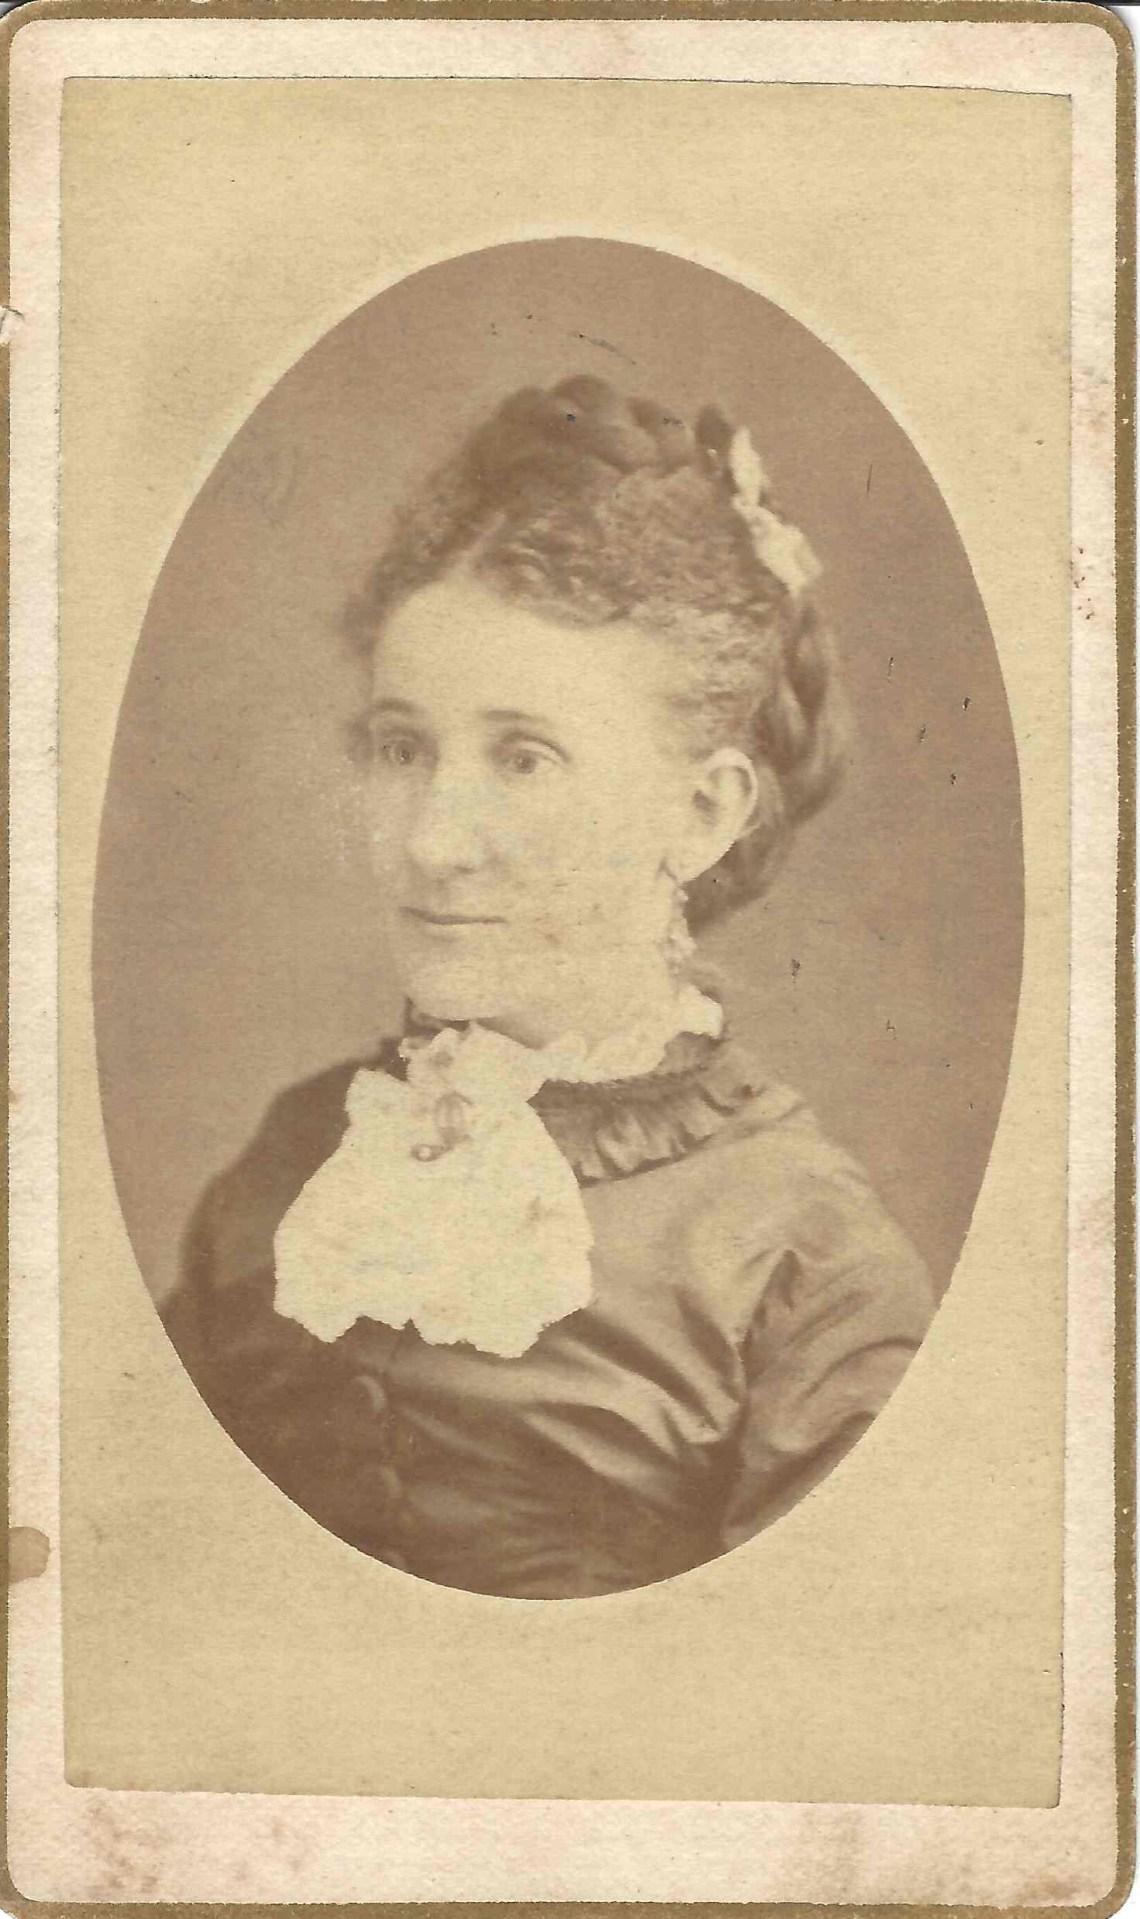 Mrs. Jennie Berry